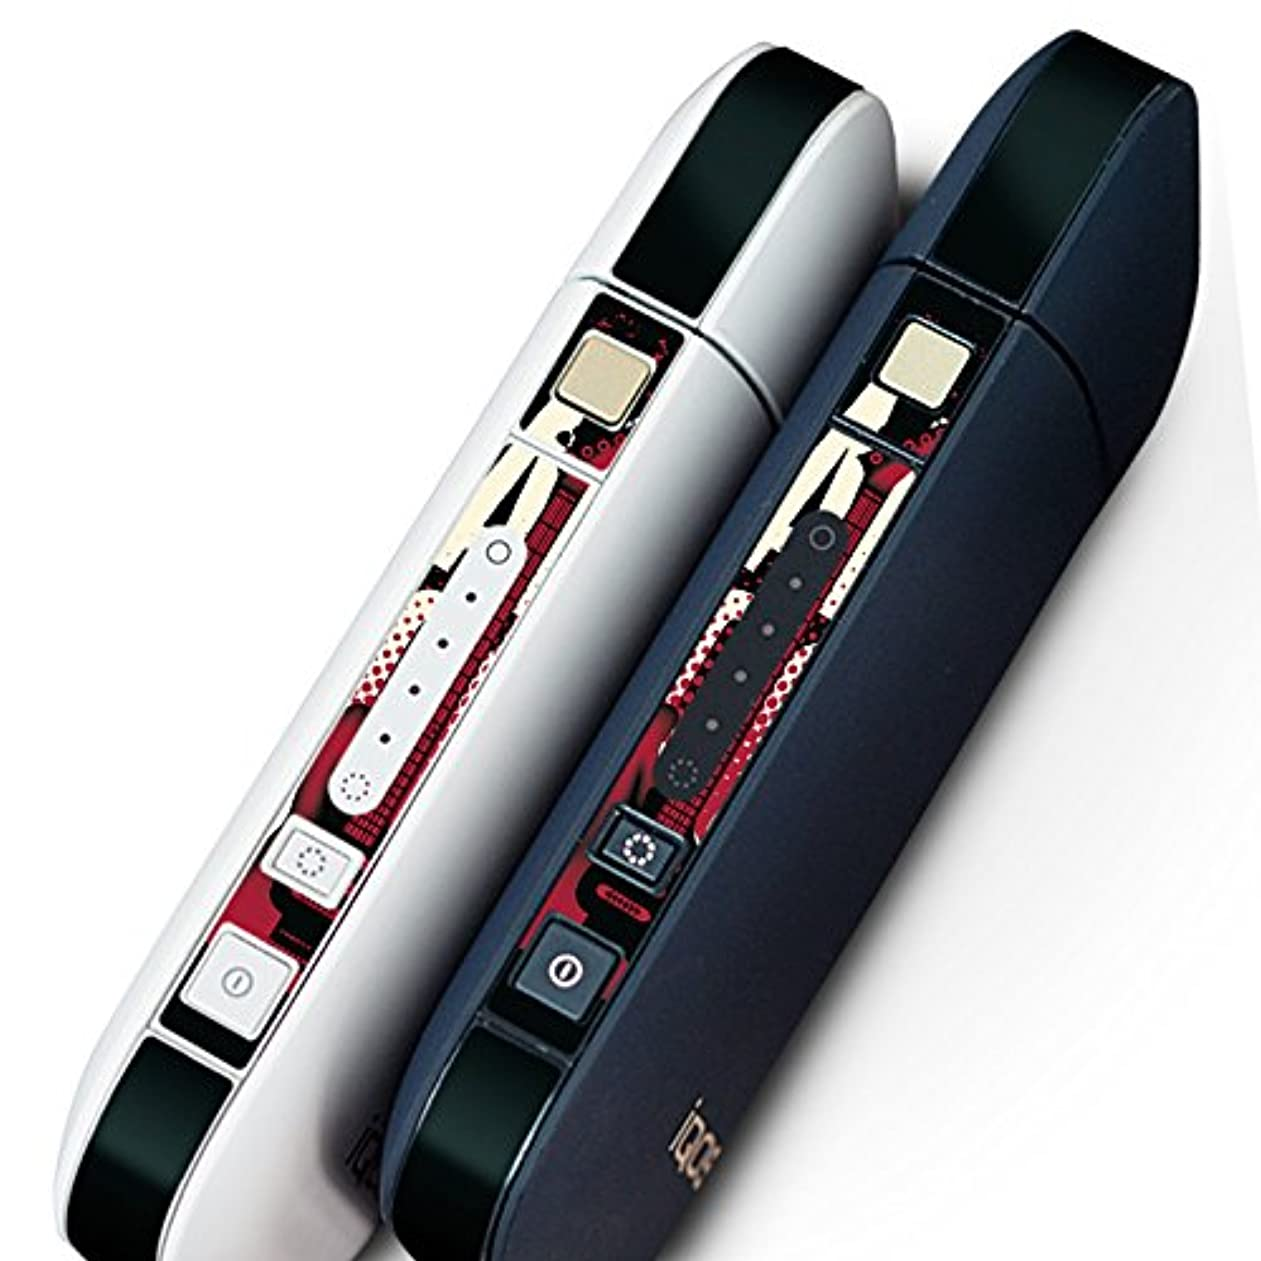 節約評価可能カスケードIQOS 専用 シール ケース 側面スキンシール 専用スキンシール バンパー カバー 保護 フィルム ステッカー デコ アクセサリー デザイン おしゃれ ギター ロック かっこいい 011870